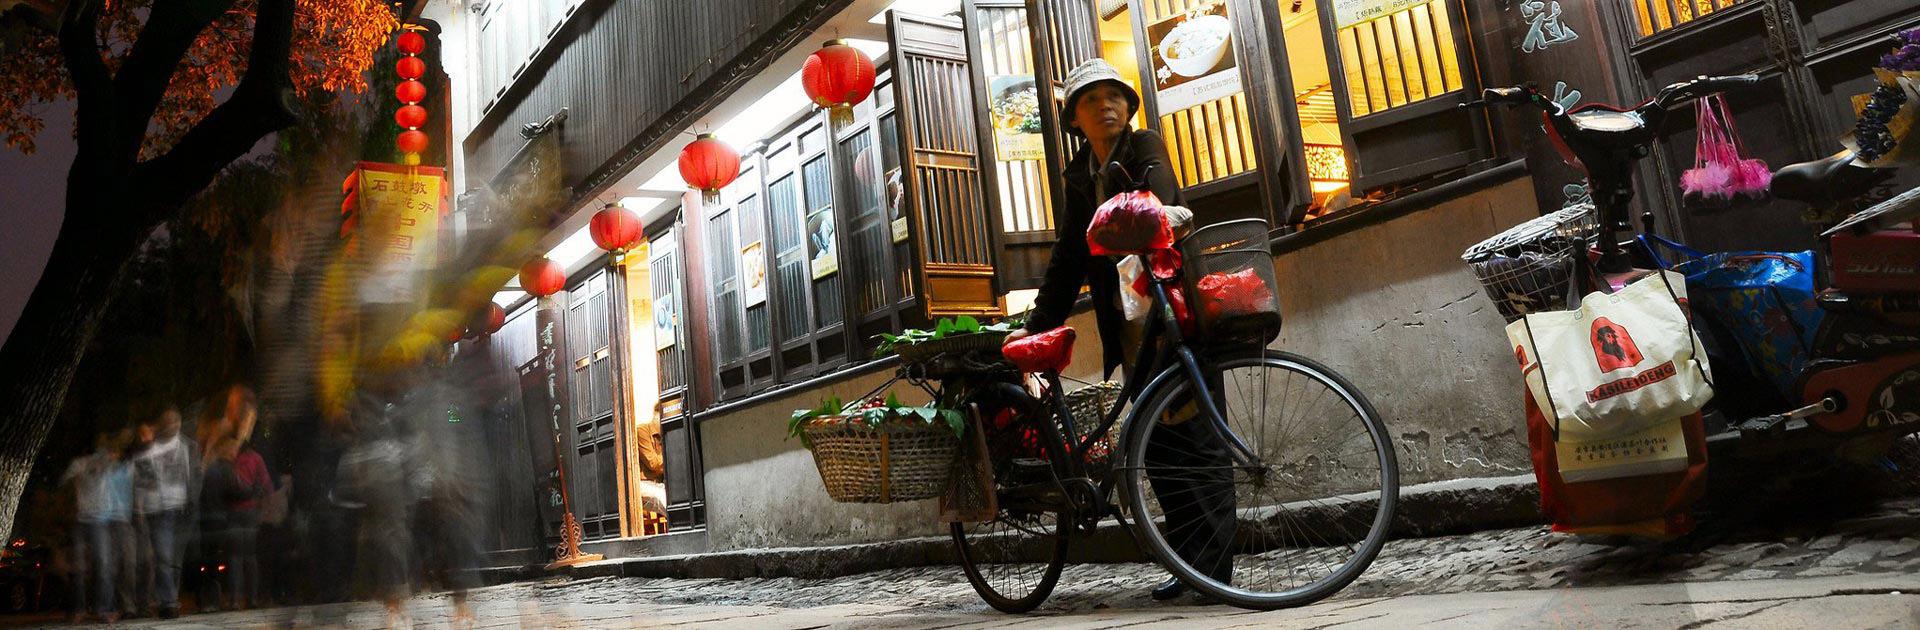 CN China a todo tren 11 días 2 jpg